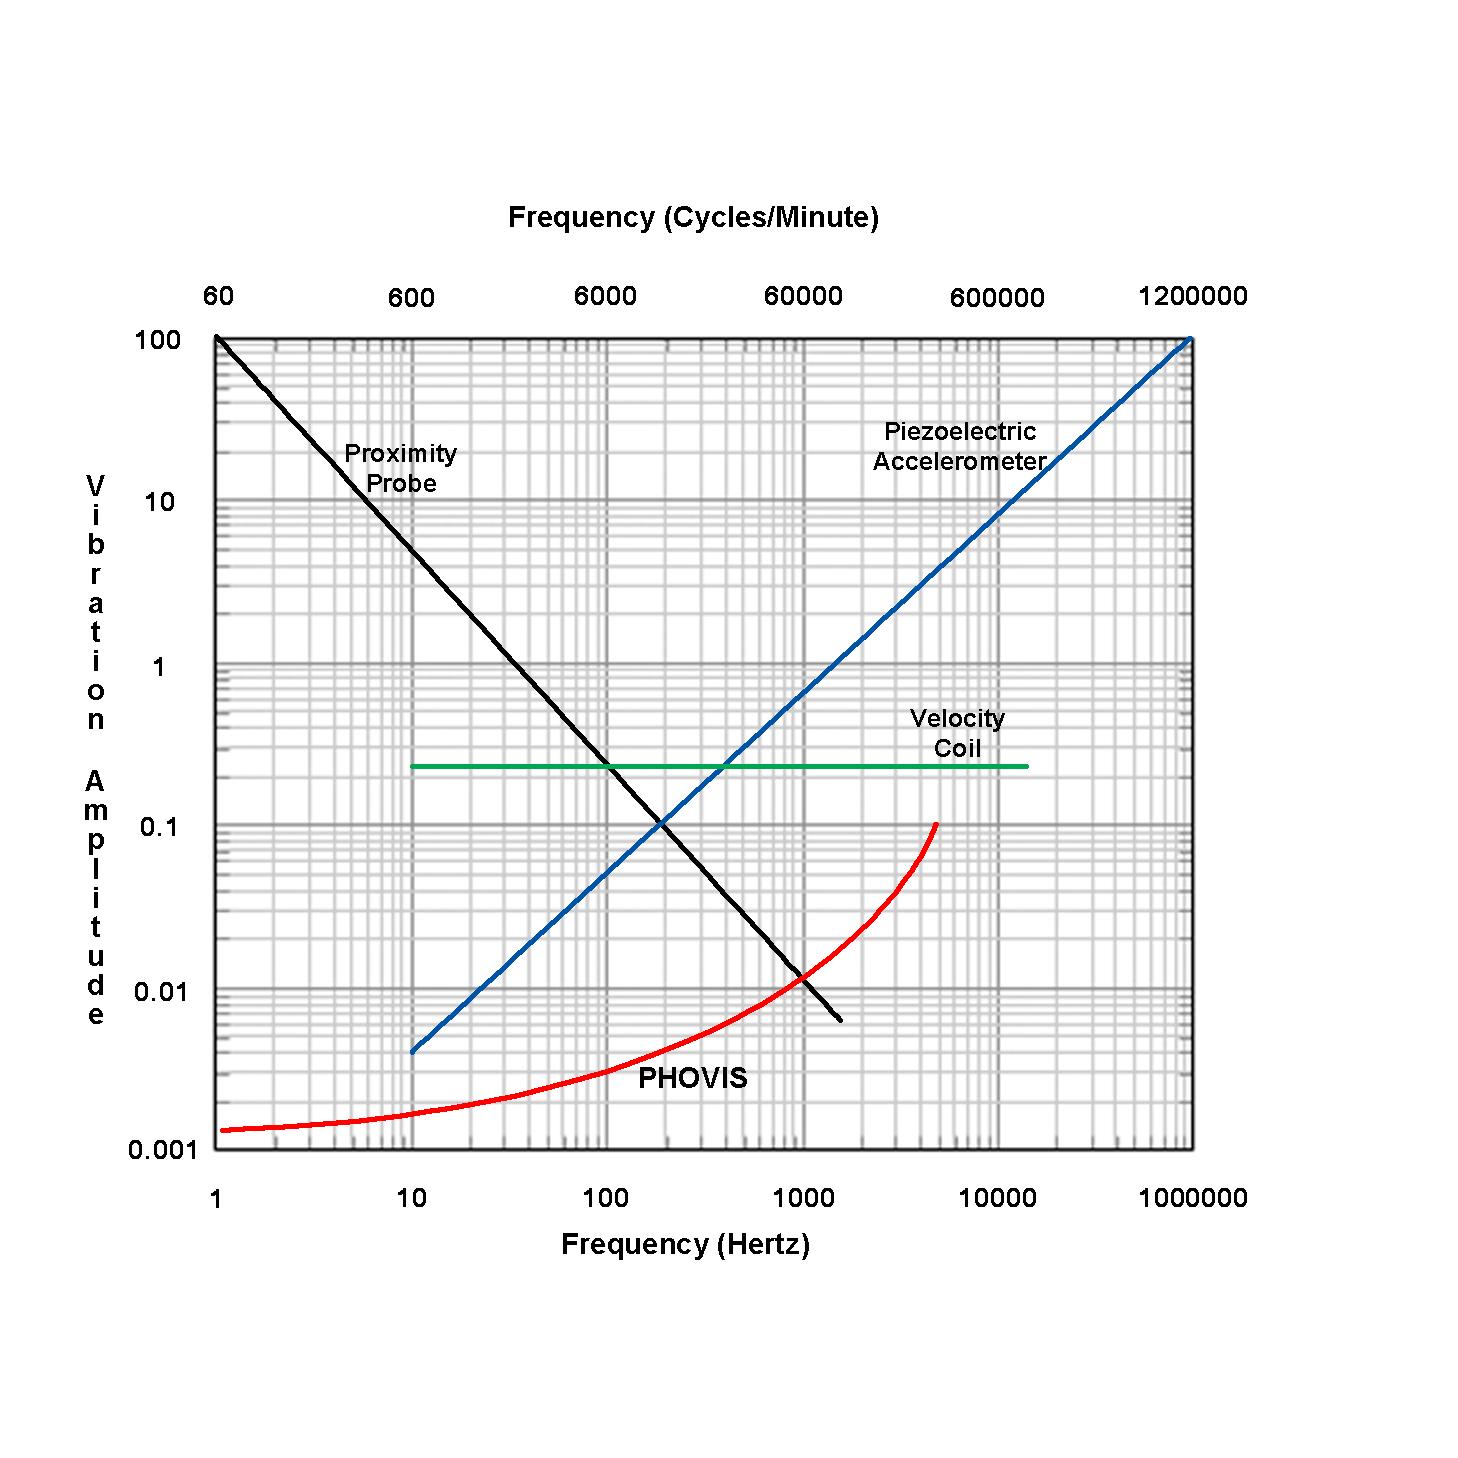 PHOVIS Chart Compairson